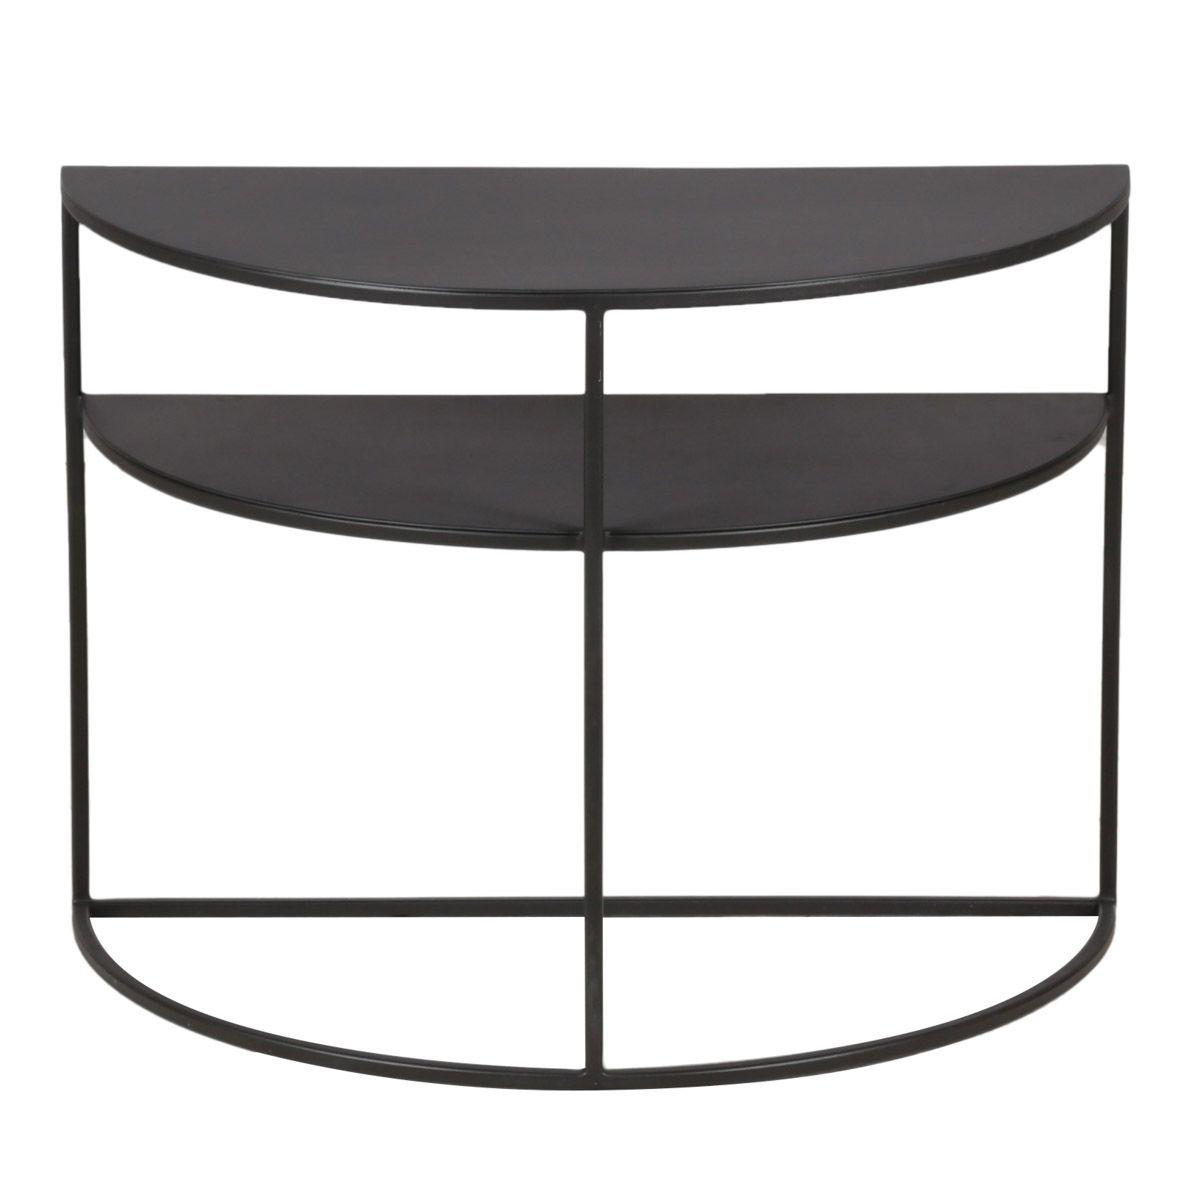 Bout de canapé métal noir en demi cercle